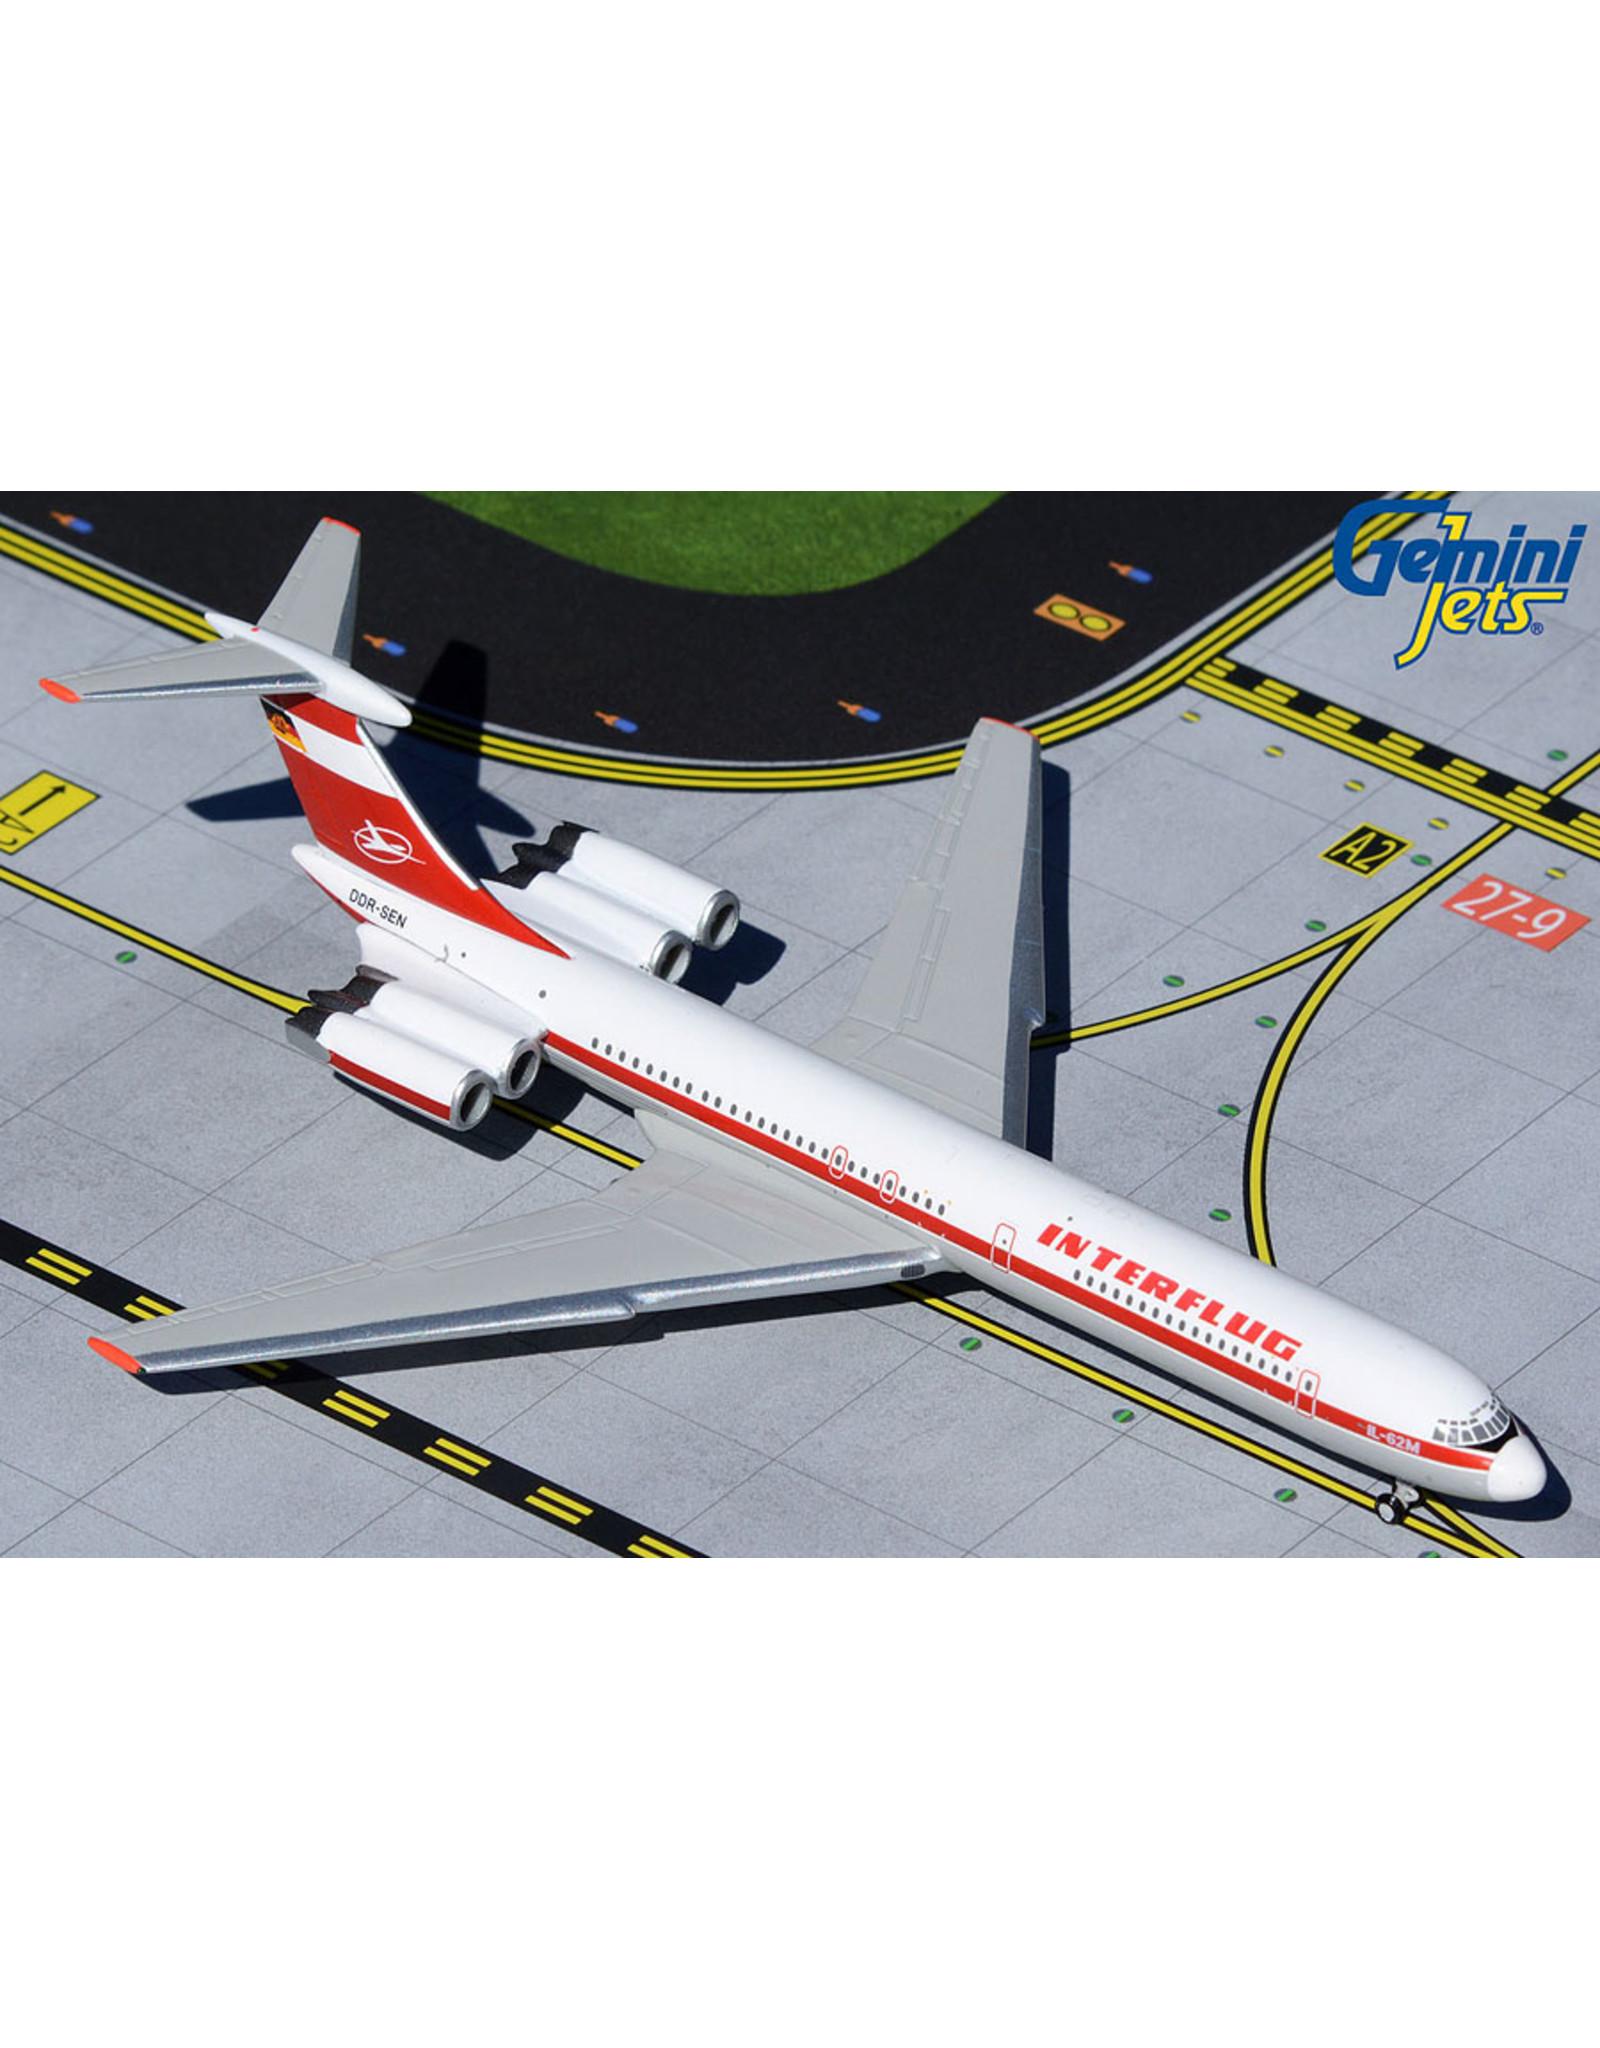 Gemini Gem4 Interflug Il-62M DDR-SEN